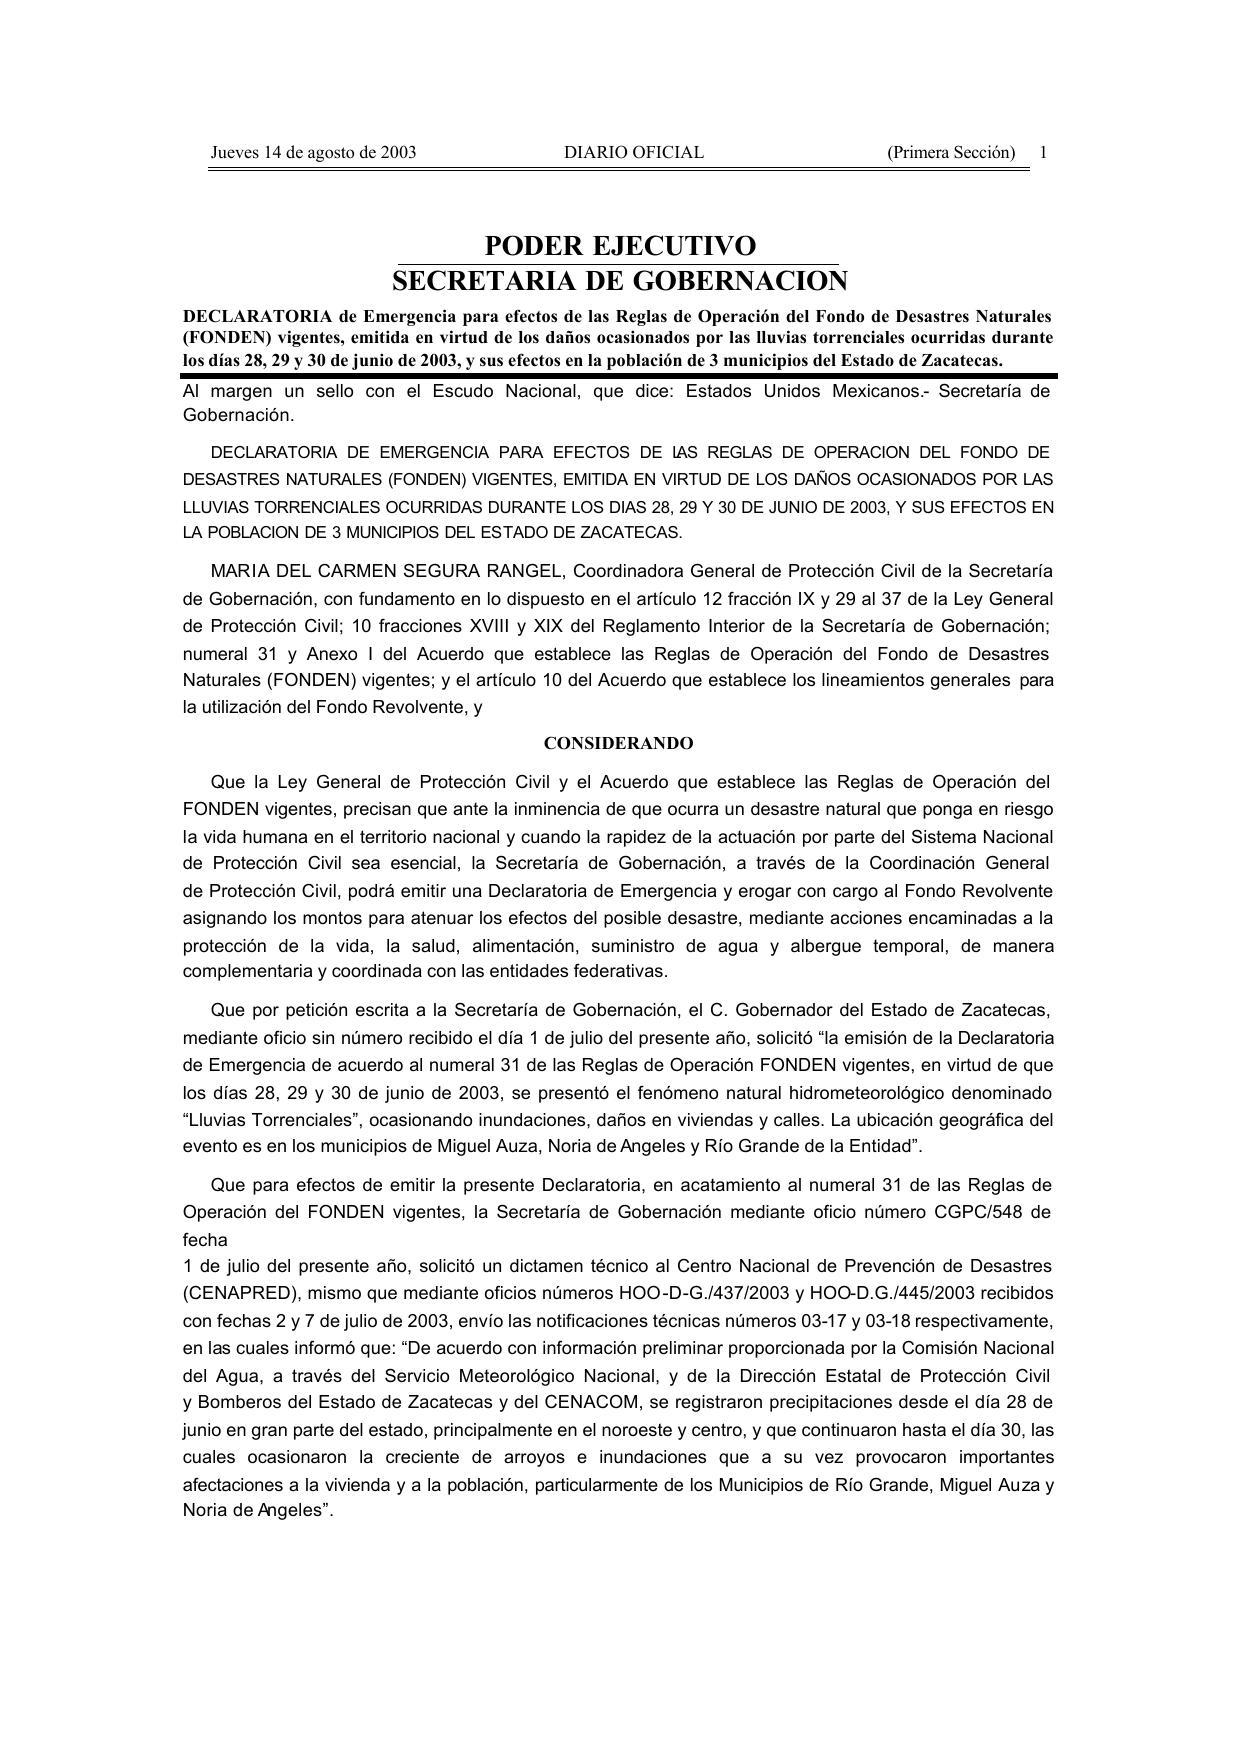 b1c226450 poder ejecutivo secretaria de gobernacion | manualzz.com